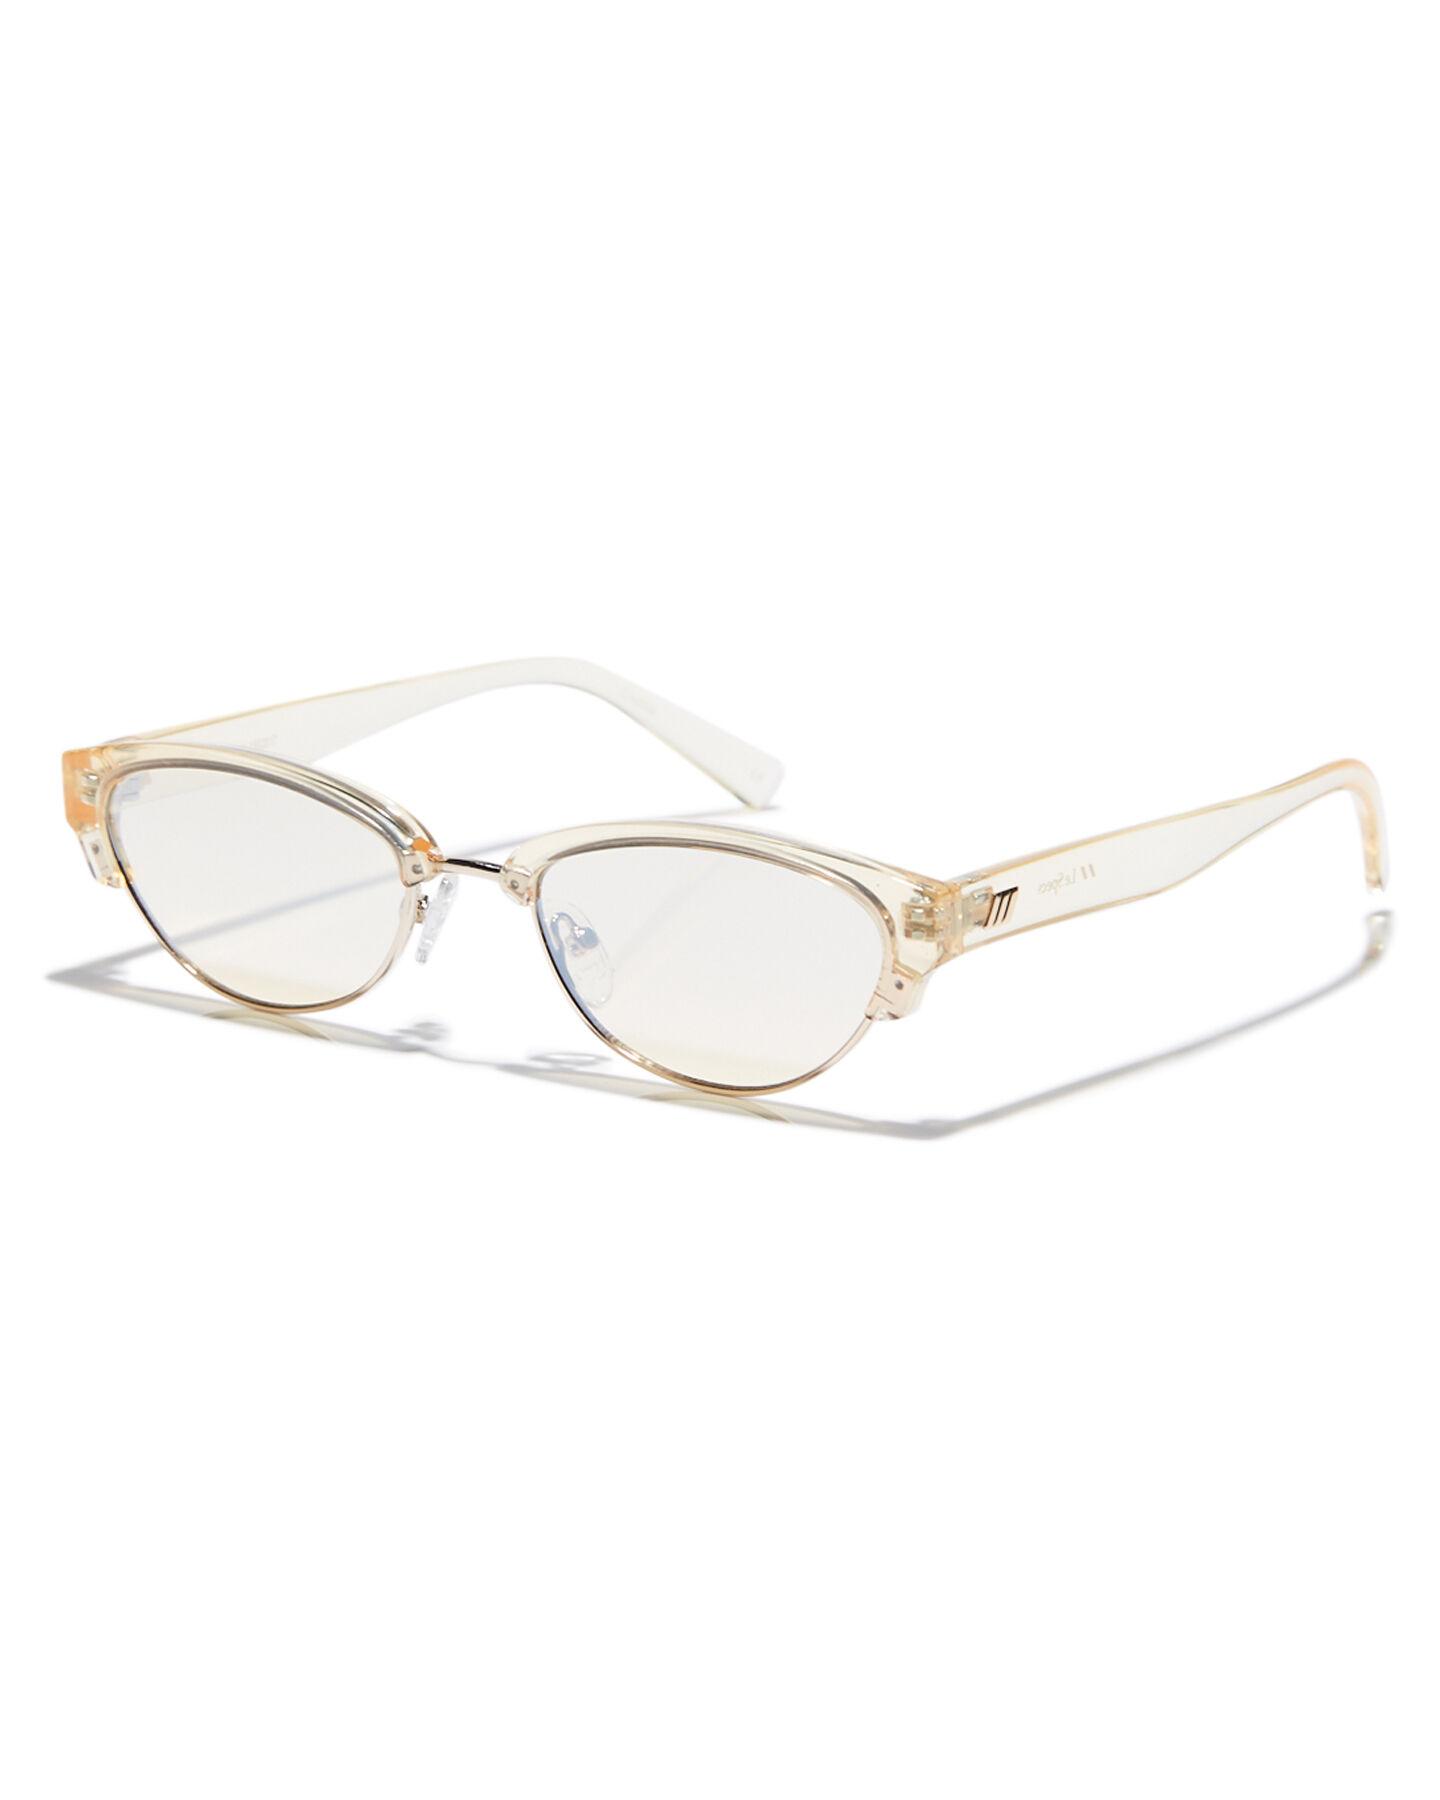 le specs online le specs sunglasses wayfarer more surfstitch Cheap Ray-Ban Sunglasses Wholesale yuzu womens accessories le specs sunglasses lsp1902017yuz